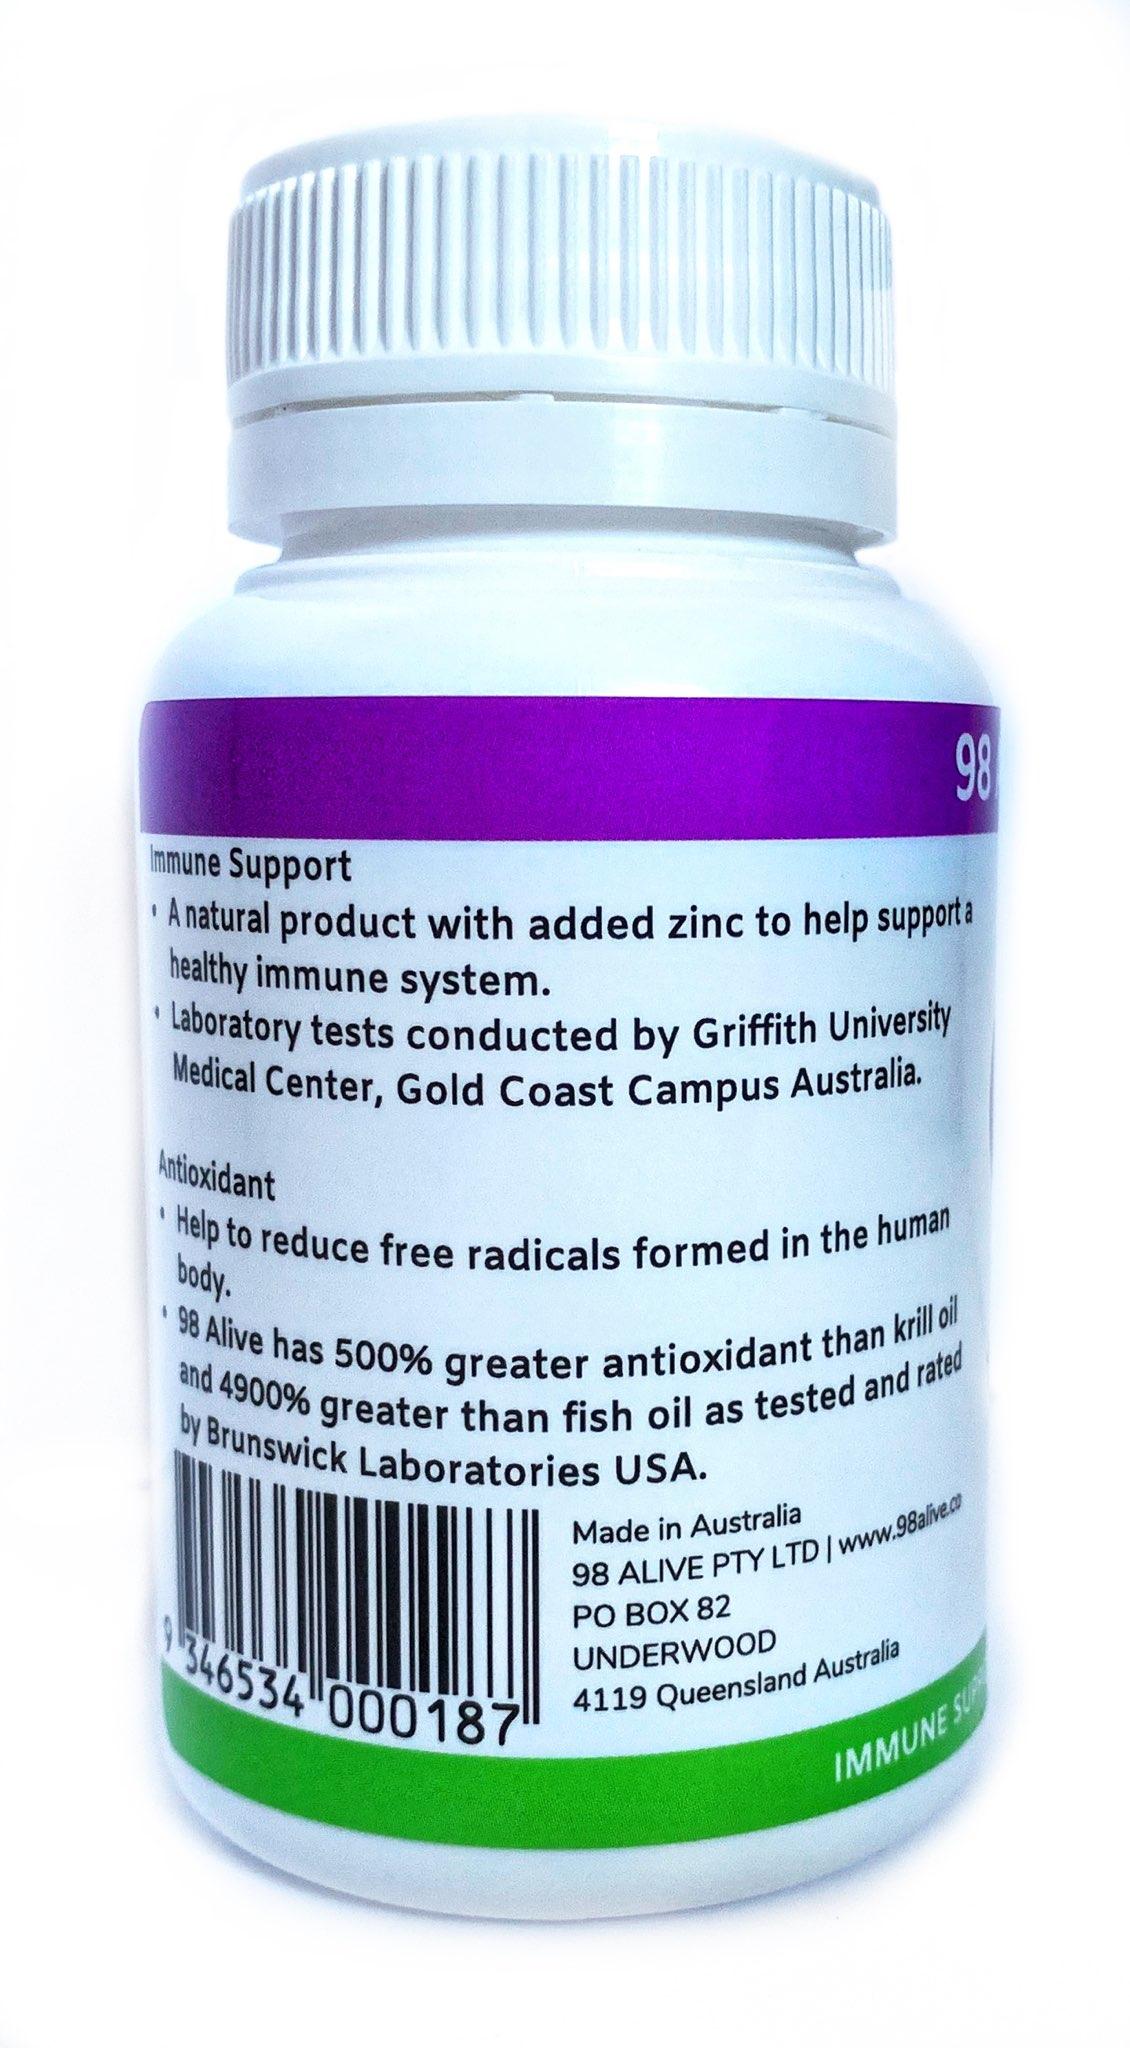 98 Alive Immune Support 60 capsules